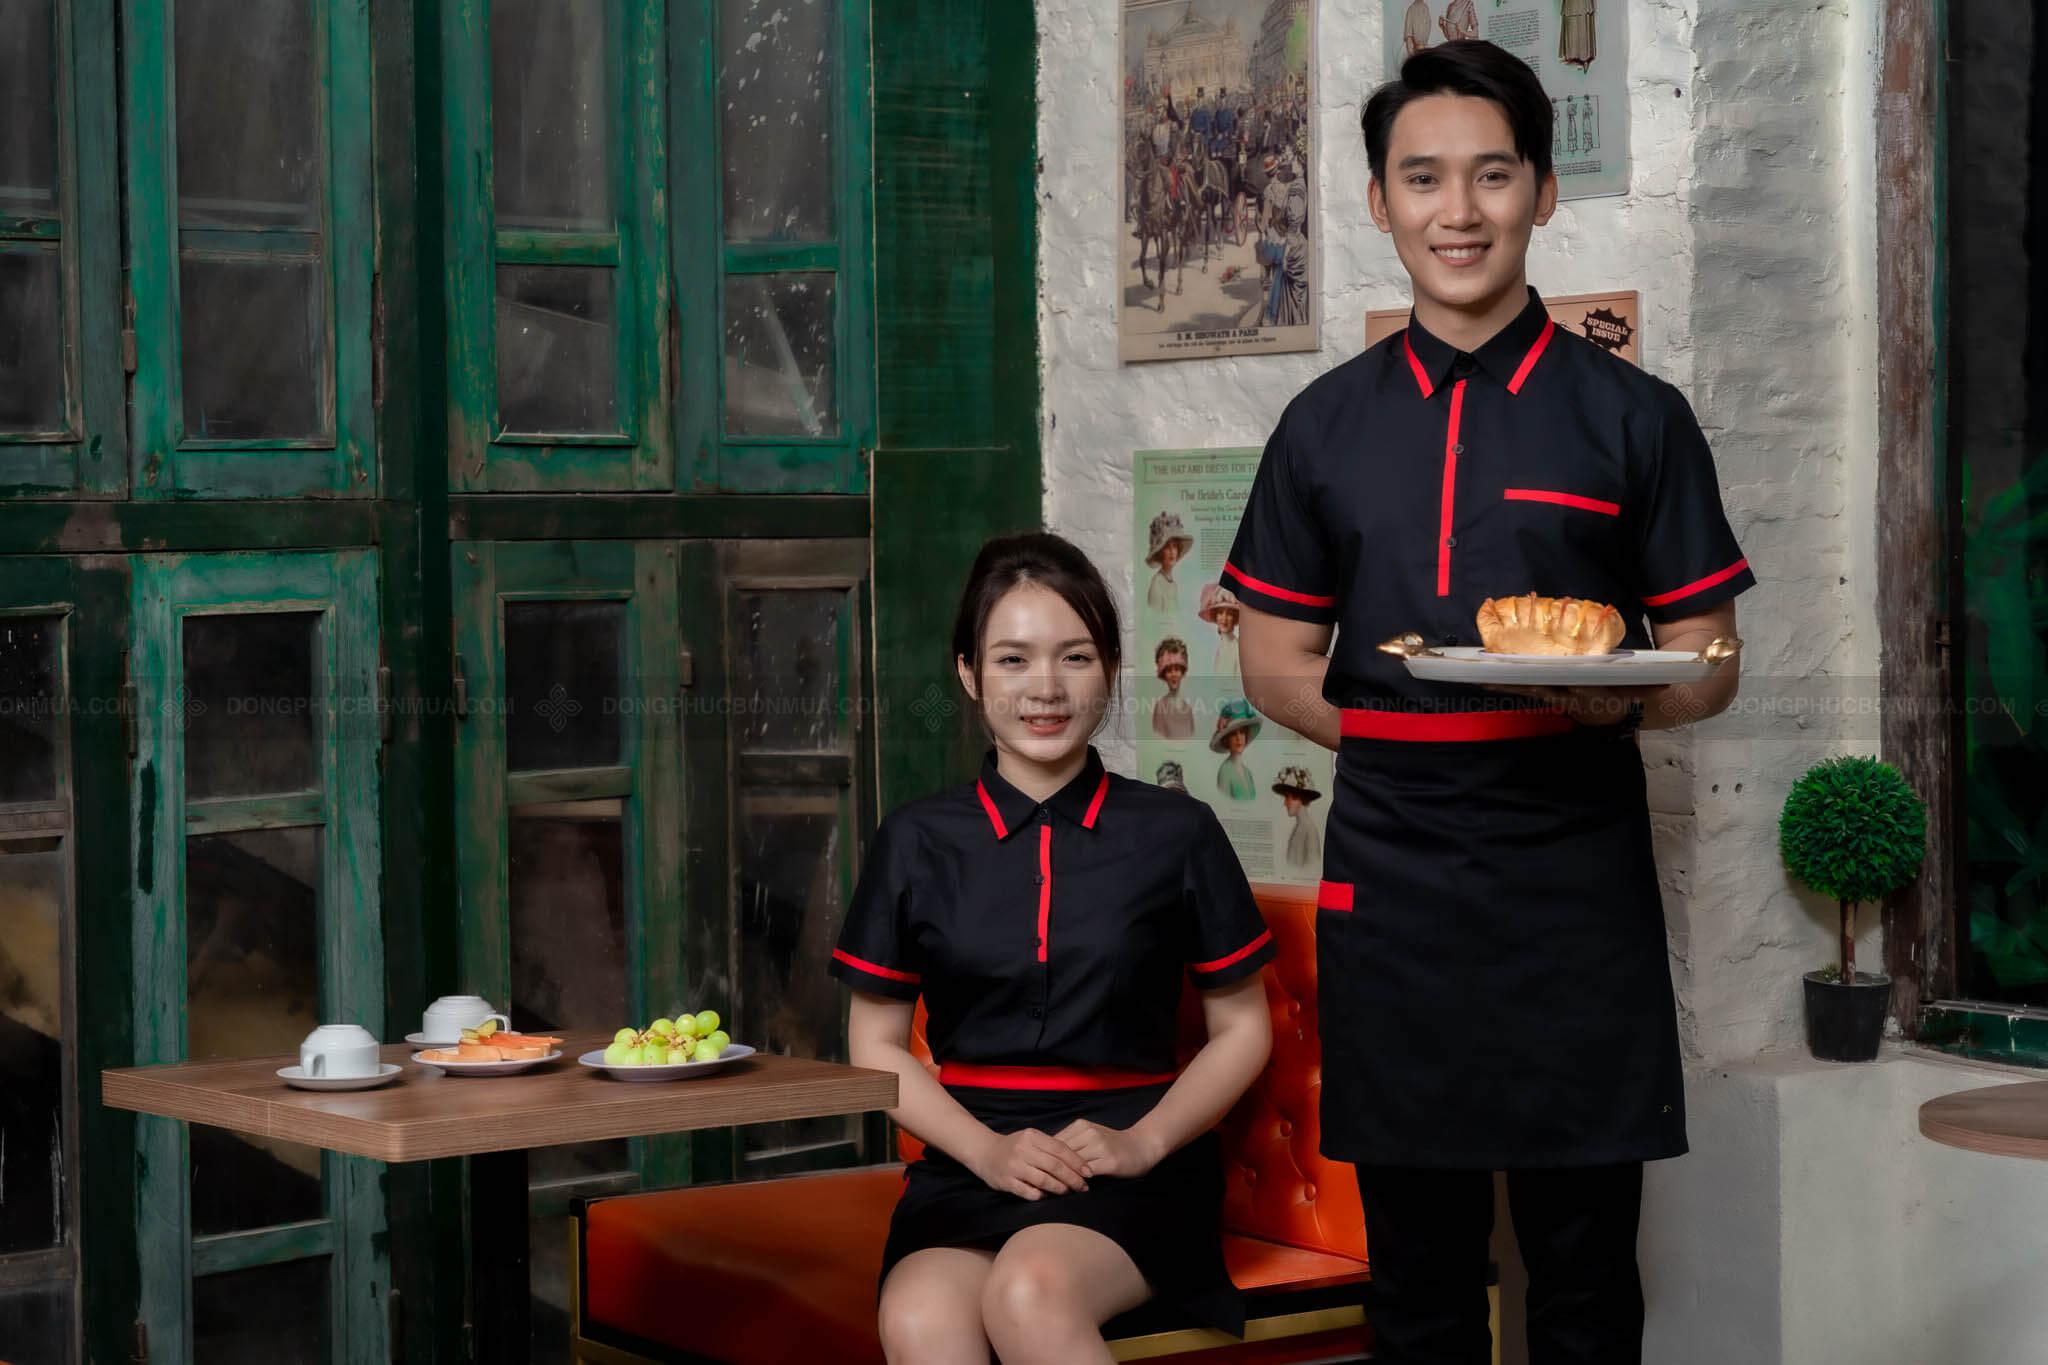 đồng phục nhân viên phục vụ khách sạn